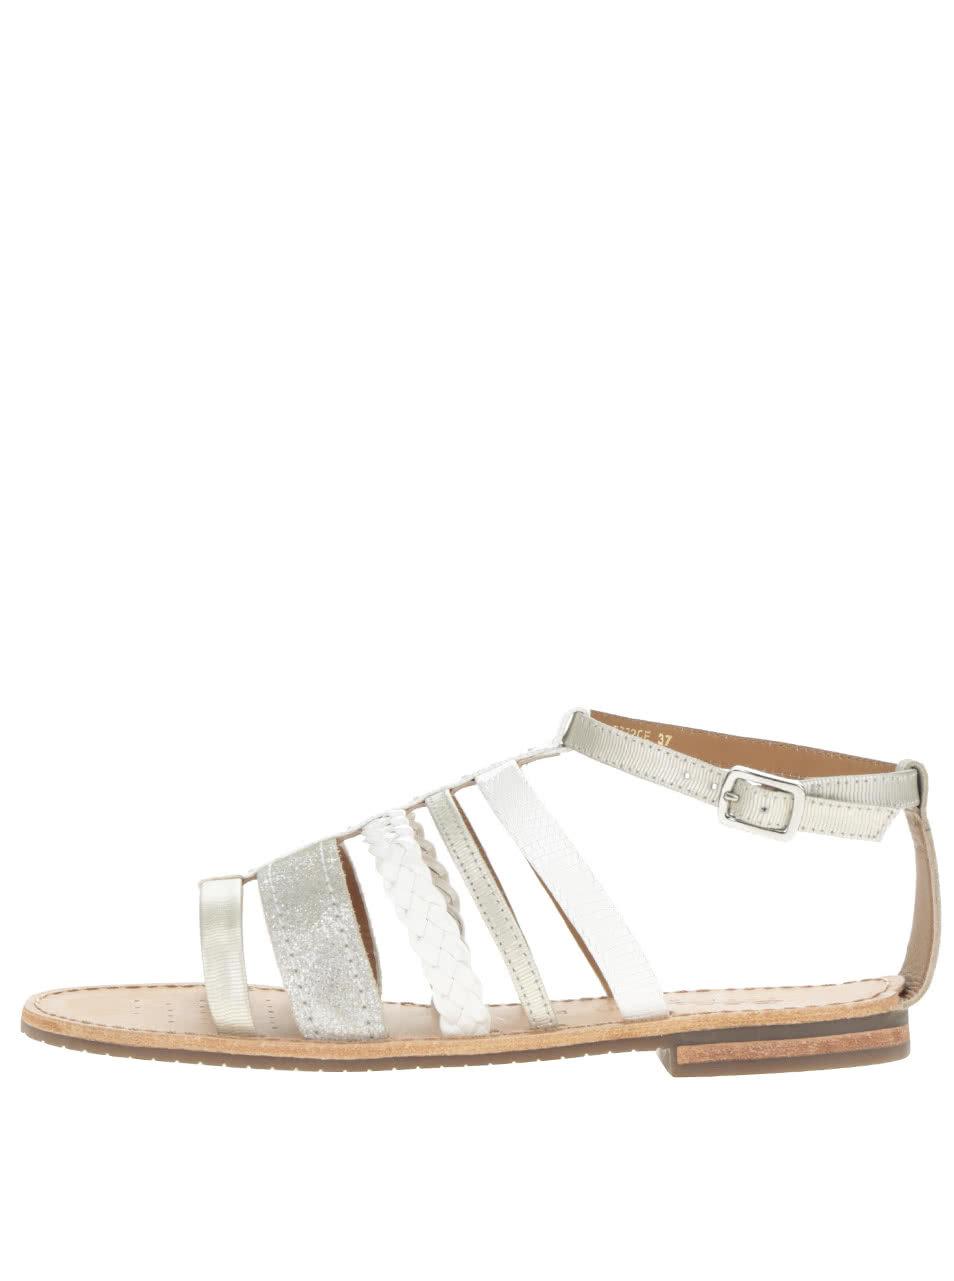 523831e5f6de Dámske kožené sandále v bielo-striebornej farbe Geox Sozy ...